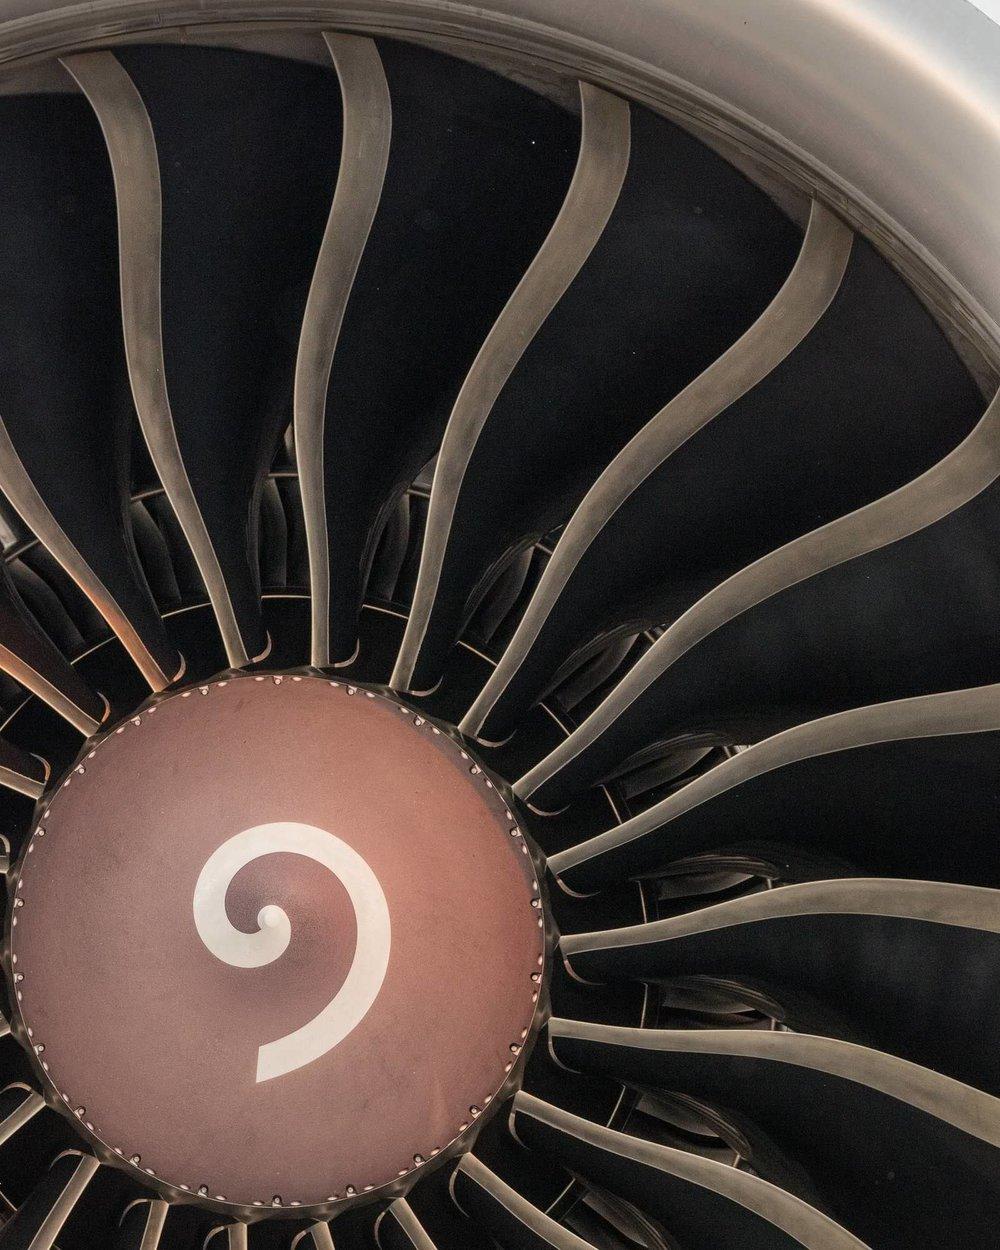 virgin-atlantic-777-mike-kelley-7.jpg